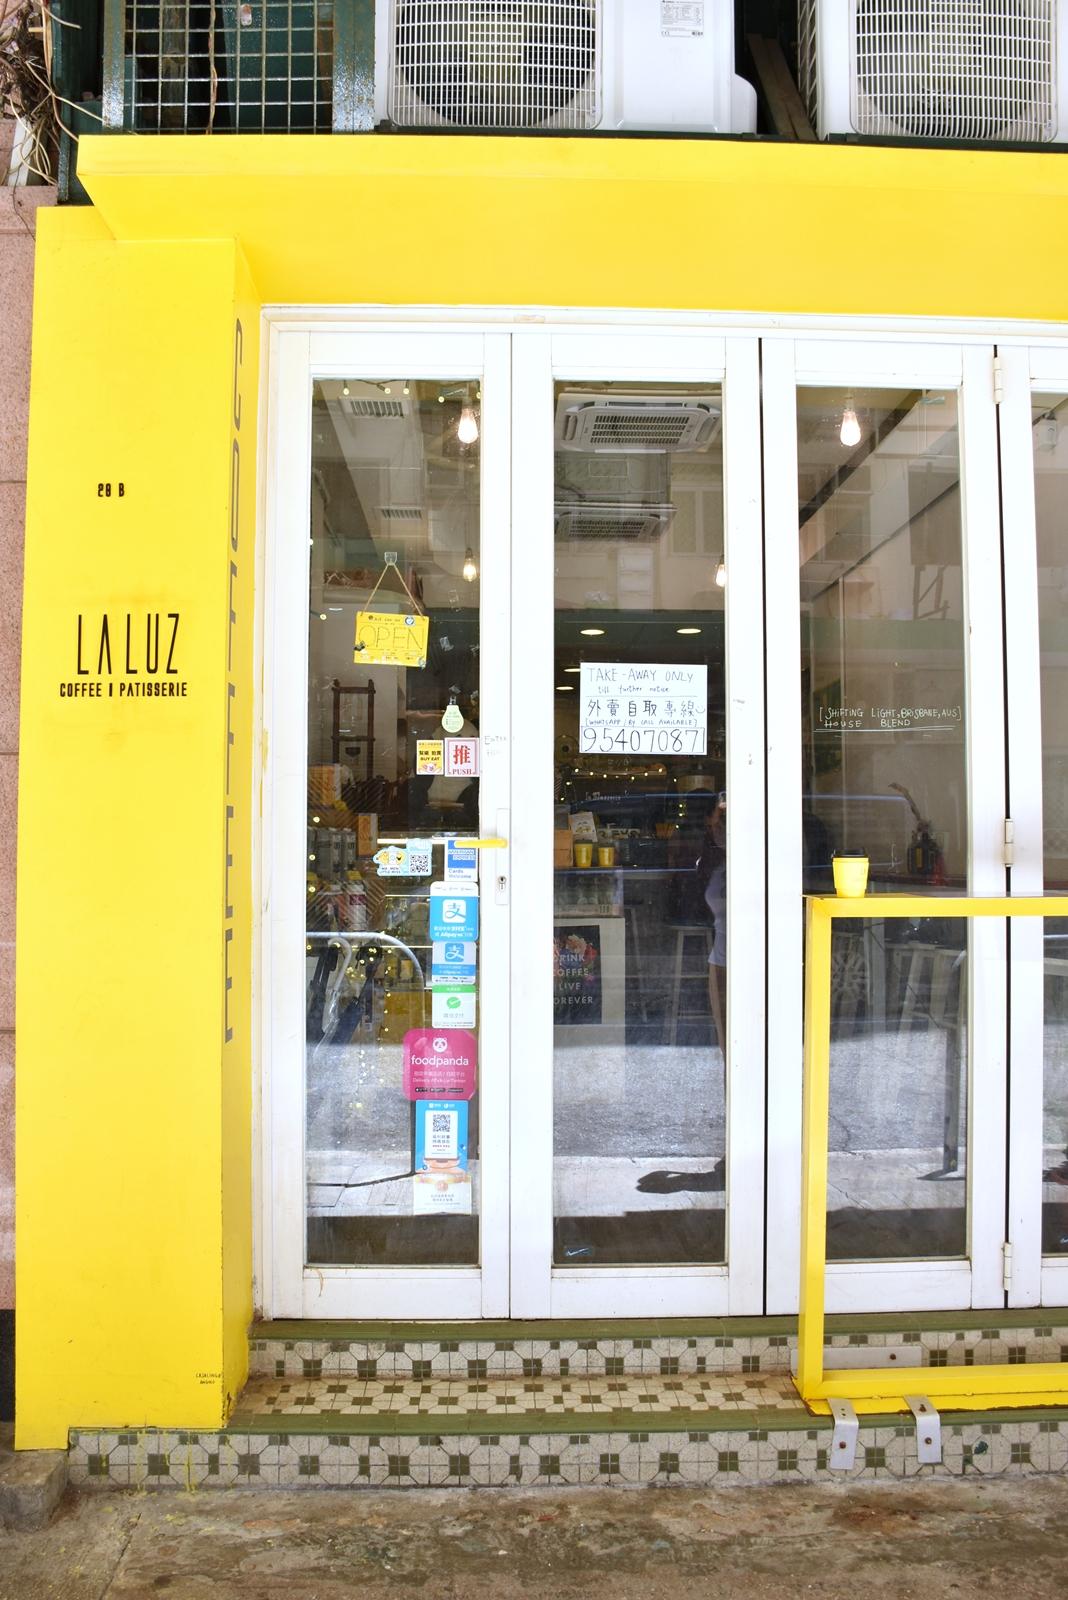 [香港咖啡店] 佐敦Cafe | La Luz:黃色大門 澳洲式街坊咖啡小店 | 《早餐女皇之蔬食日常》